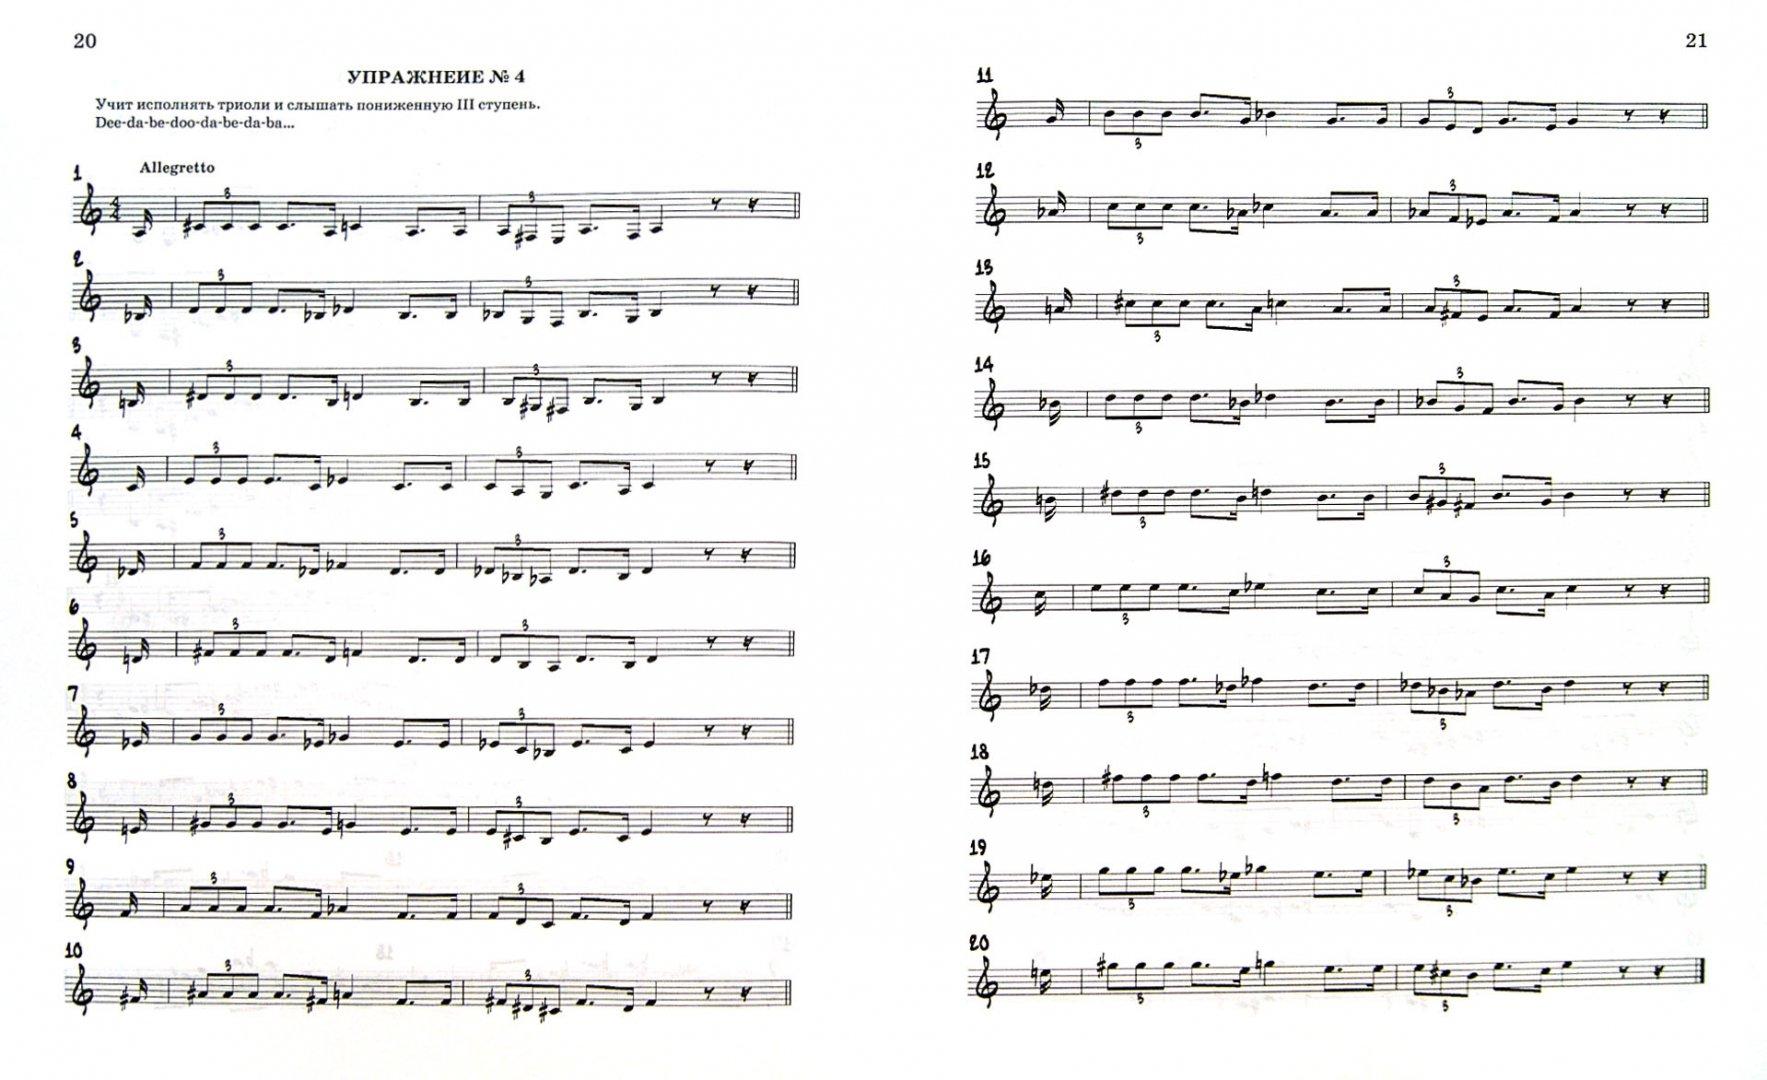 Иллюстрация 1 из 4 для Эстрадно-джазовый вокальный тренинг. Учебное пособие - Тамара Сморякова | Лабиринт - книги. Источник: Лабиринт